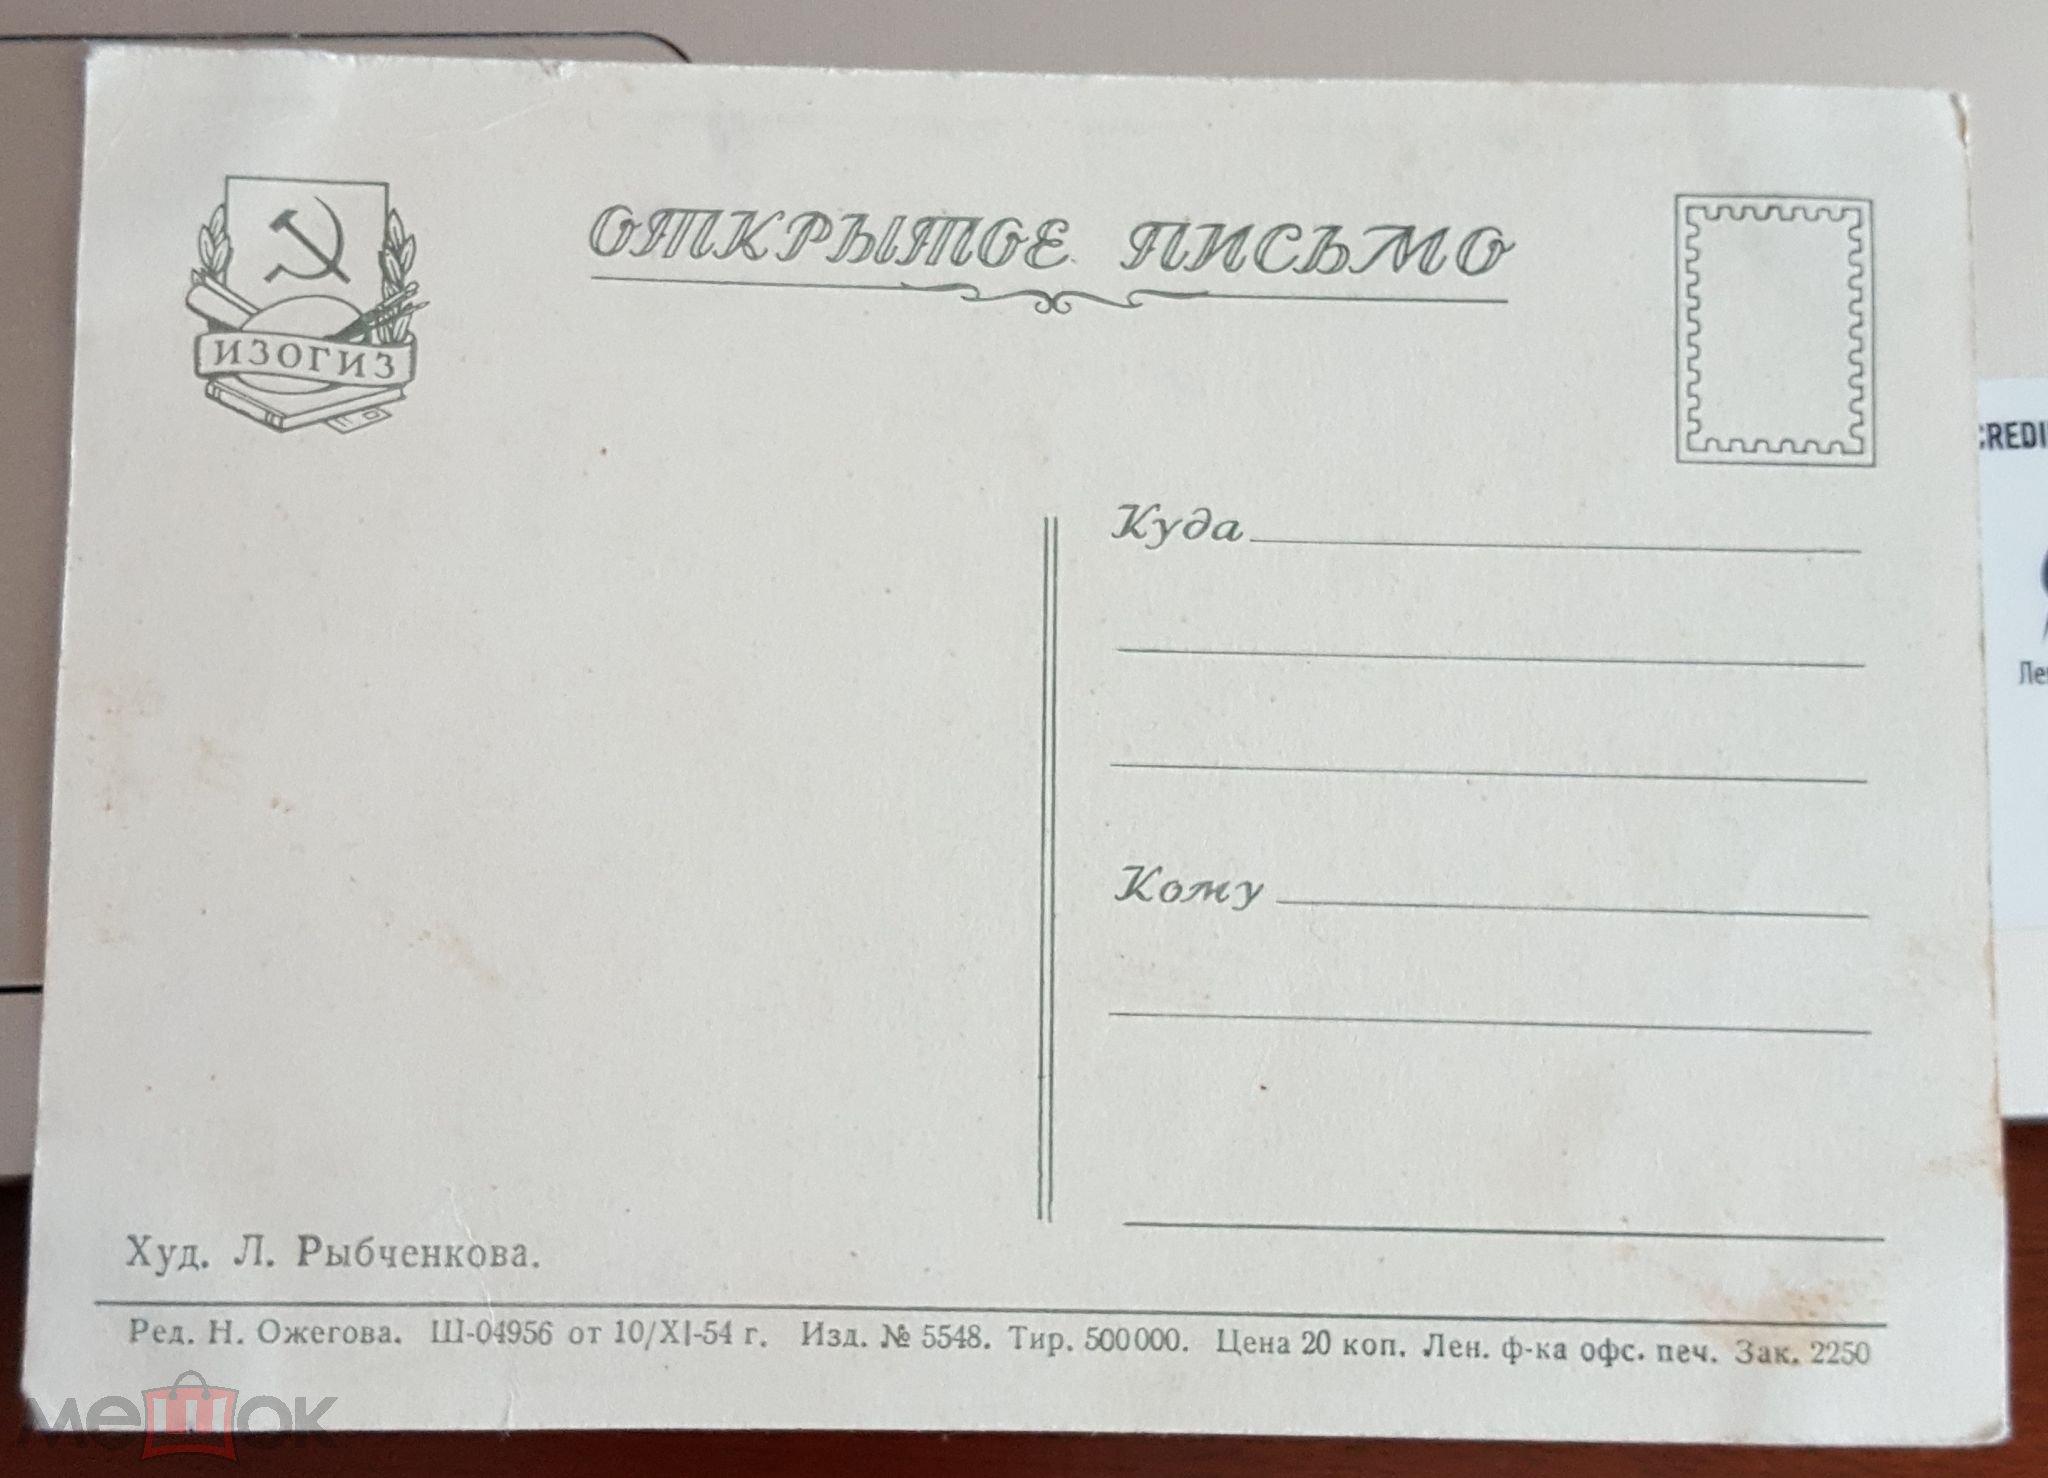 Цена на открытки издательства изогиз, родился немецкому поздравительная